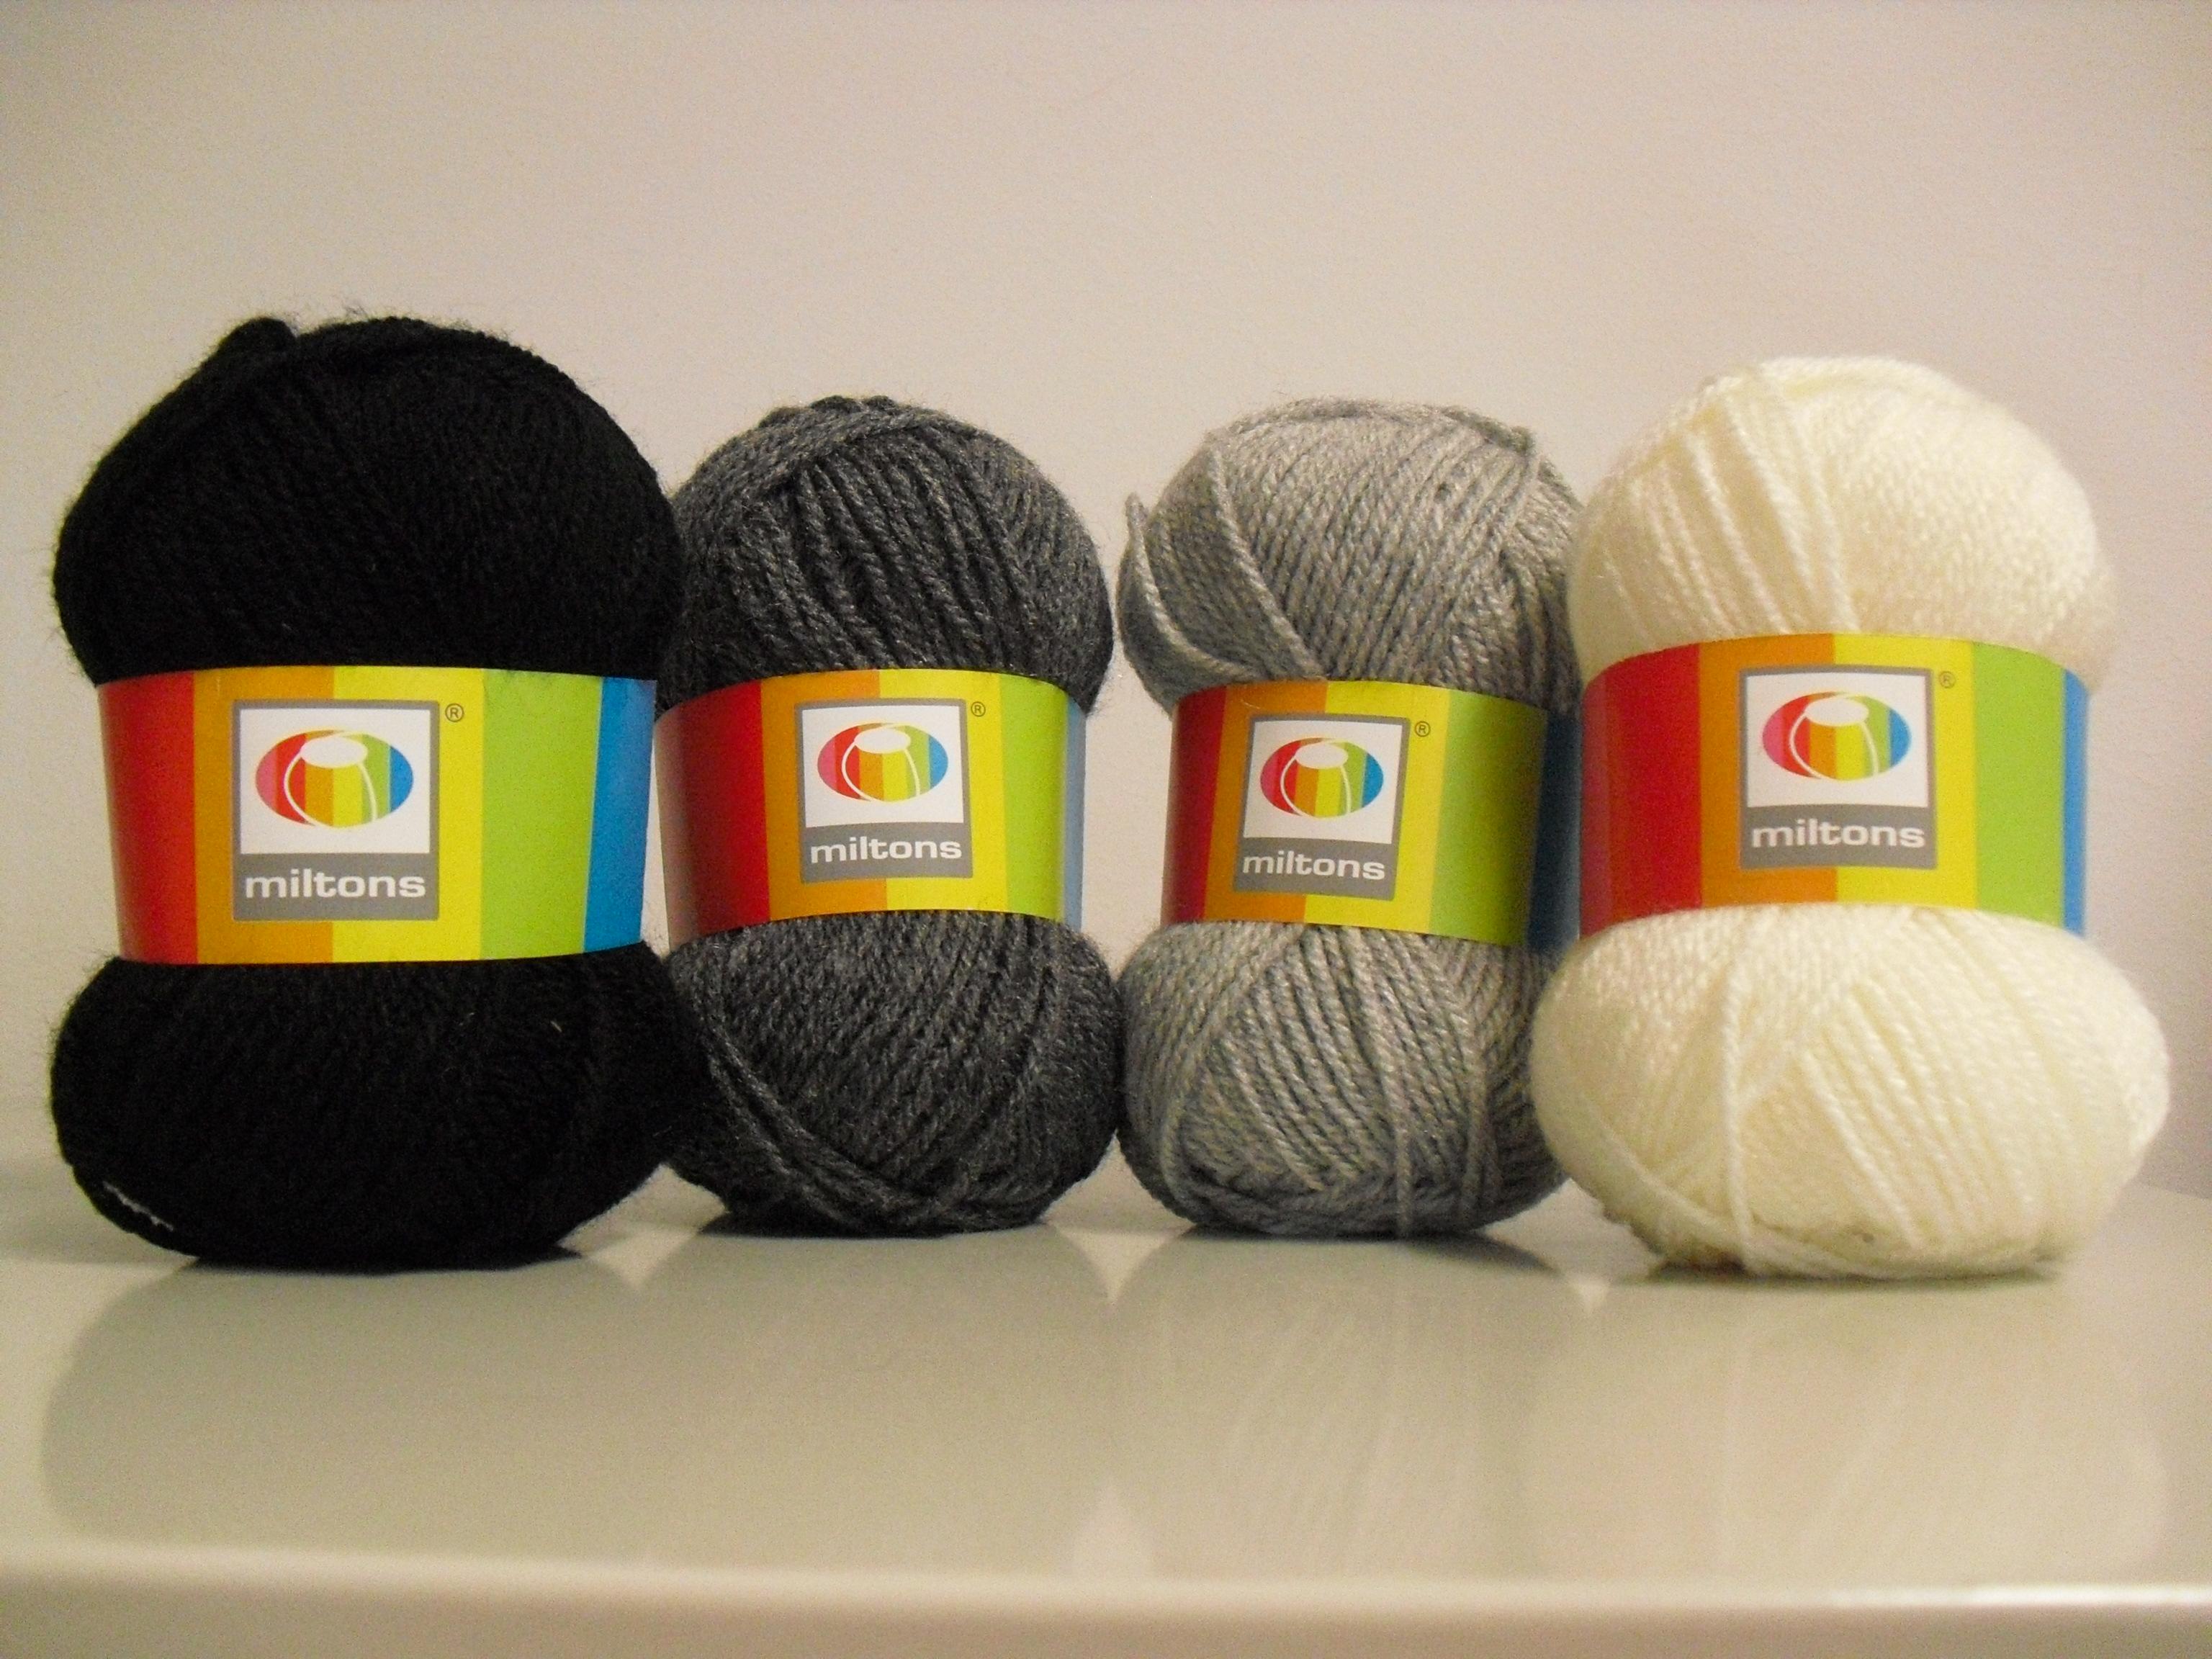 Lã utilizada na confecção do poncho de crochet